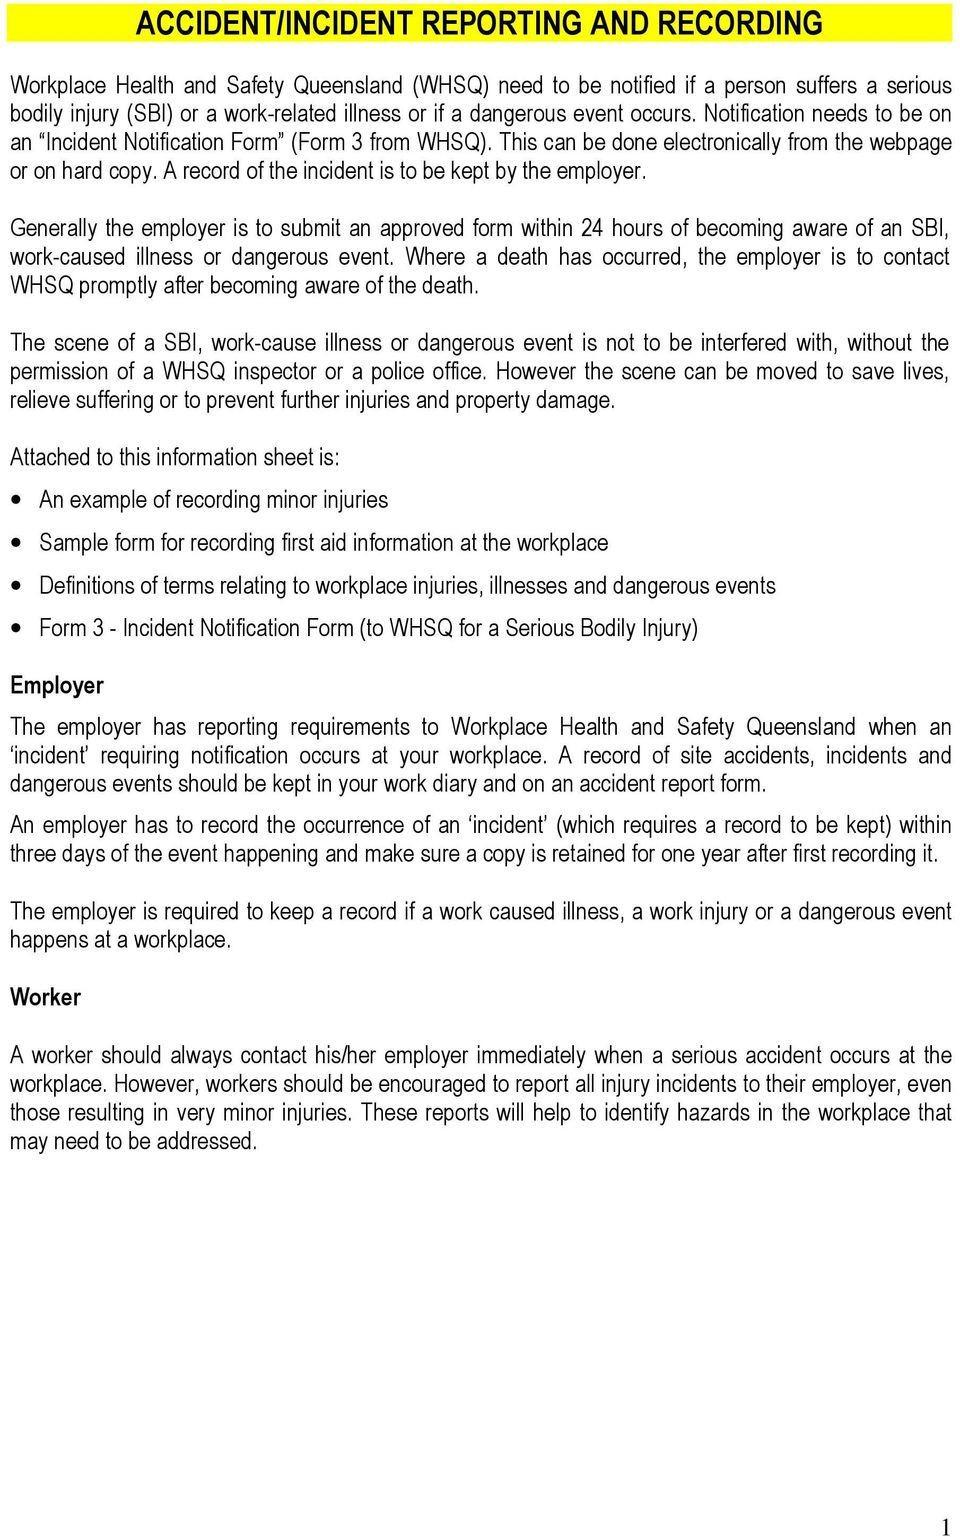 007 Impressive Workplace Incident Report Form Western Australia Idea 960